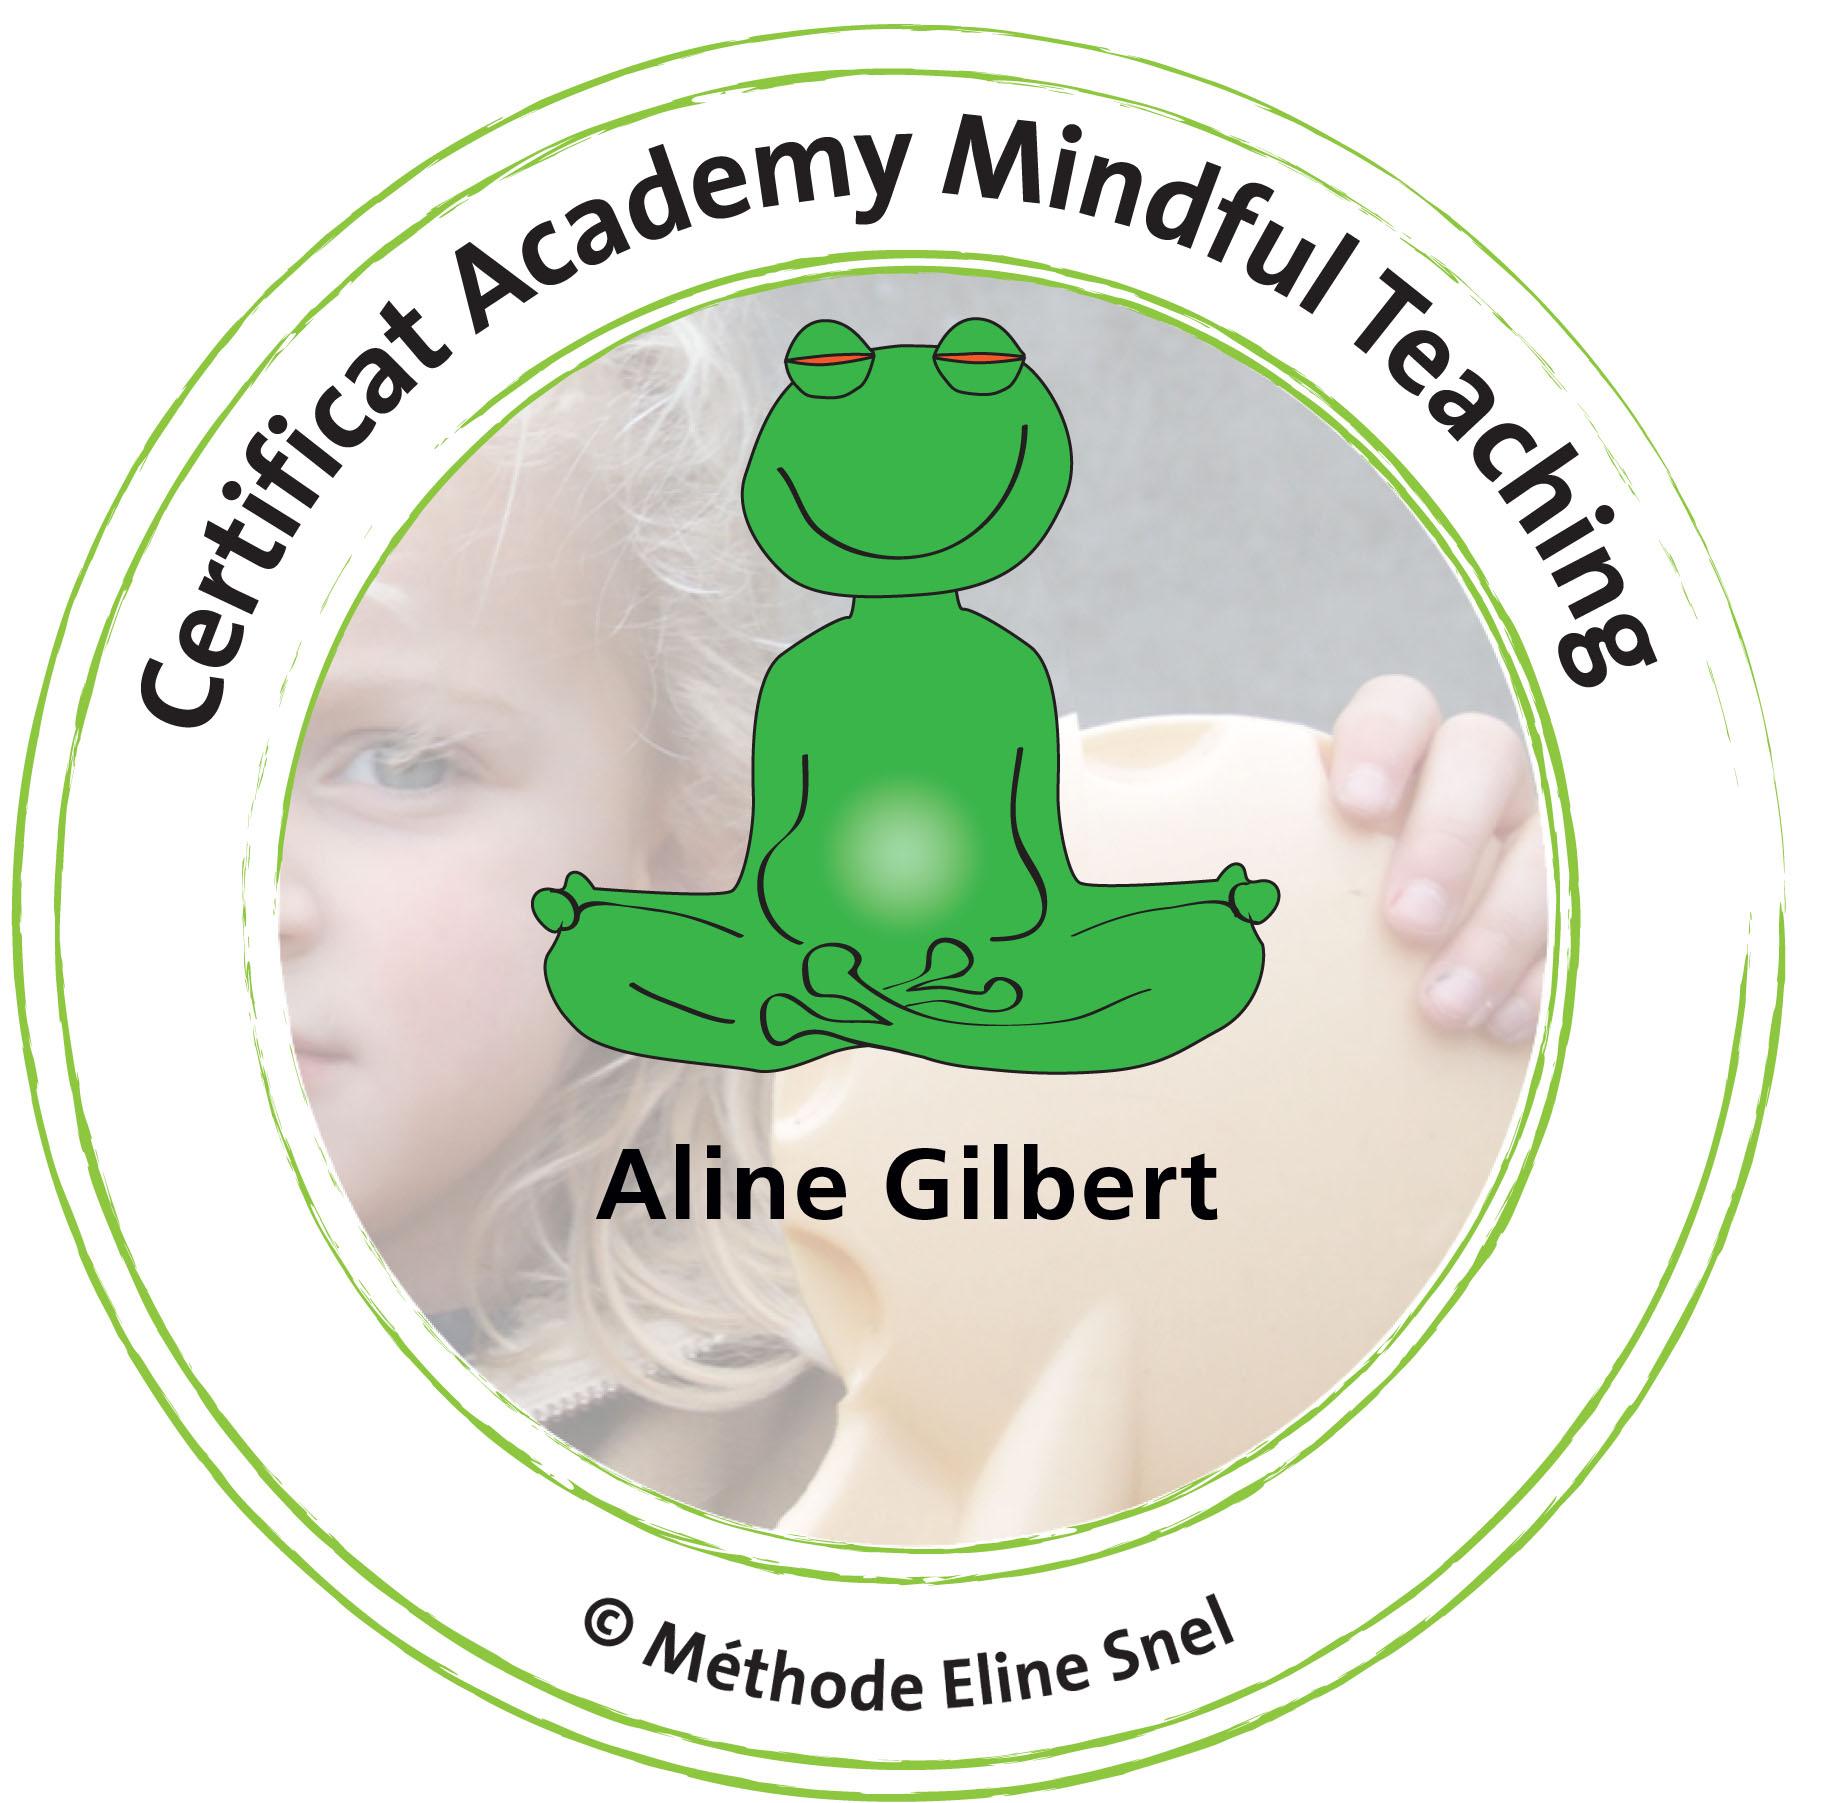 Logo-Aline-Gilbert